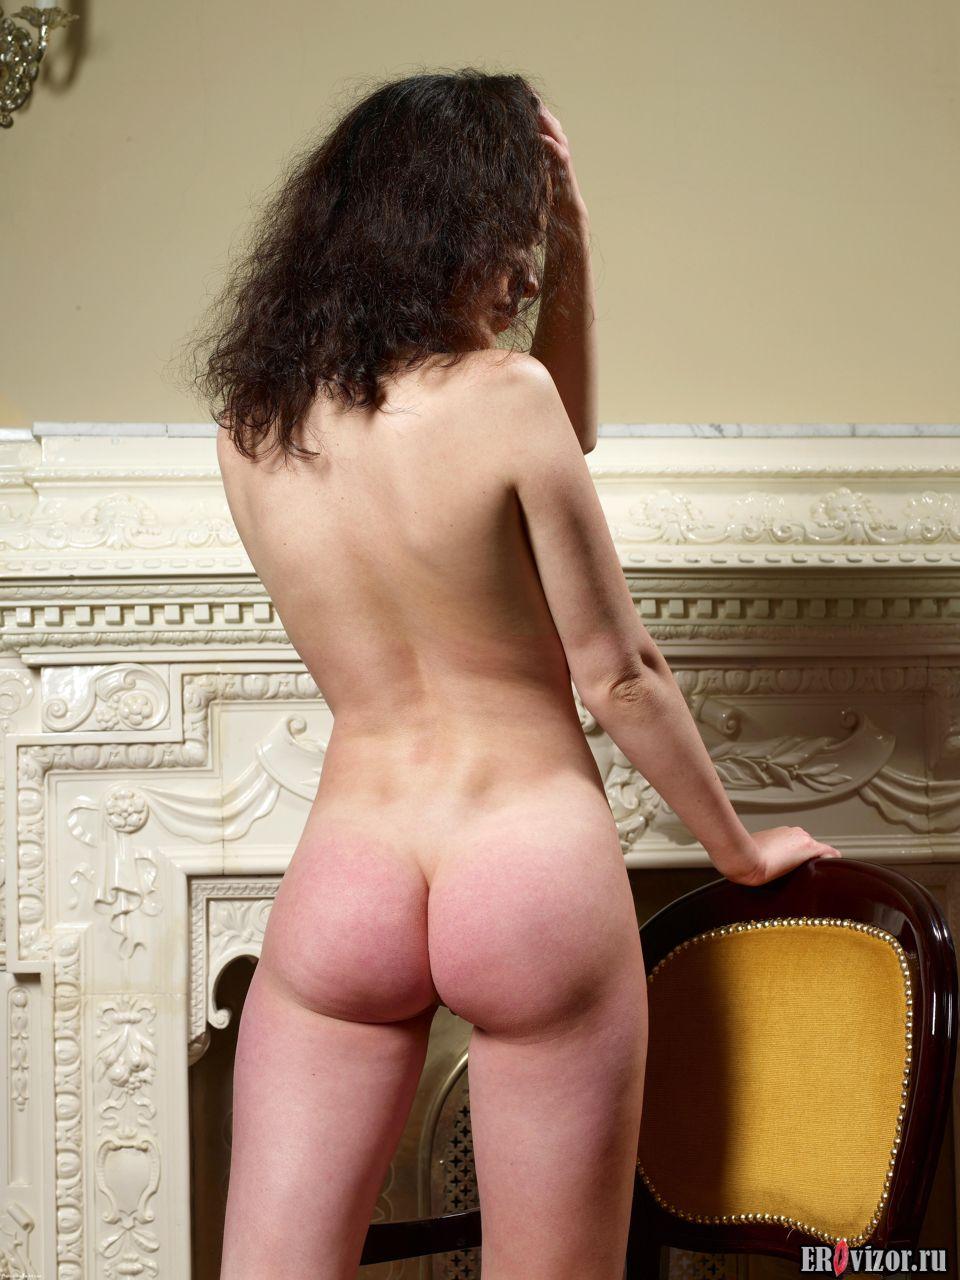 Фото Упругая попа красивой голой модели Playboy 4. Эротическое видео и фото. Голые девушки и эротика бесплатно